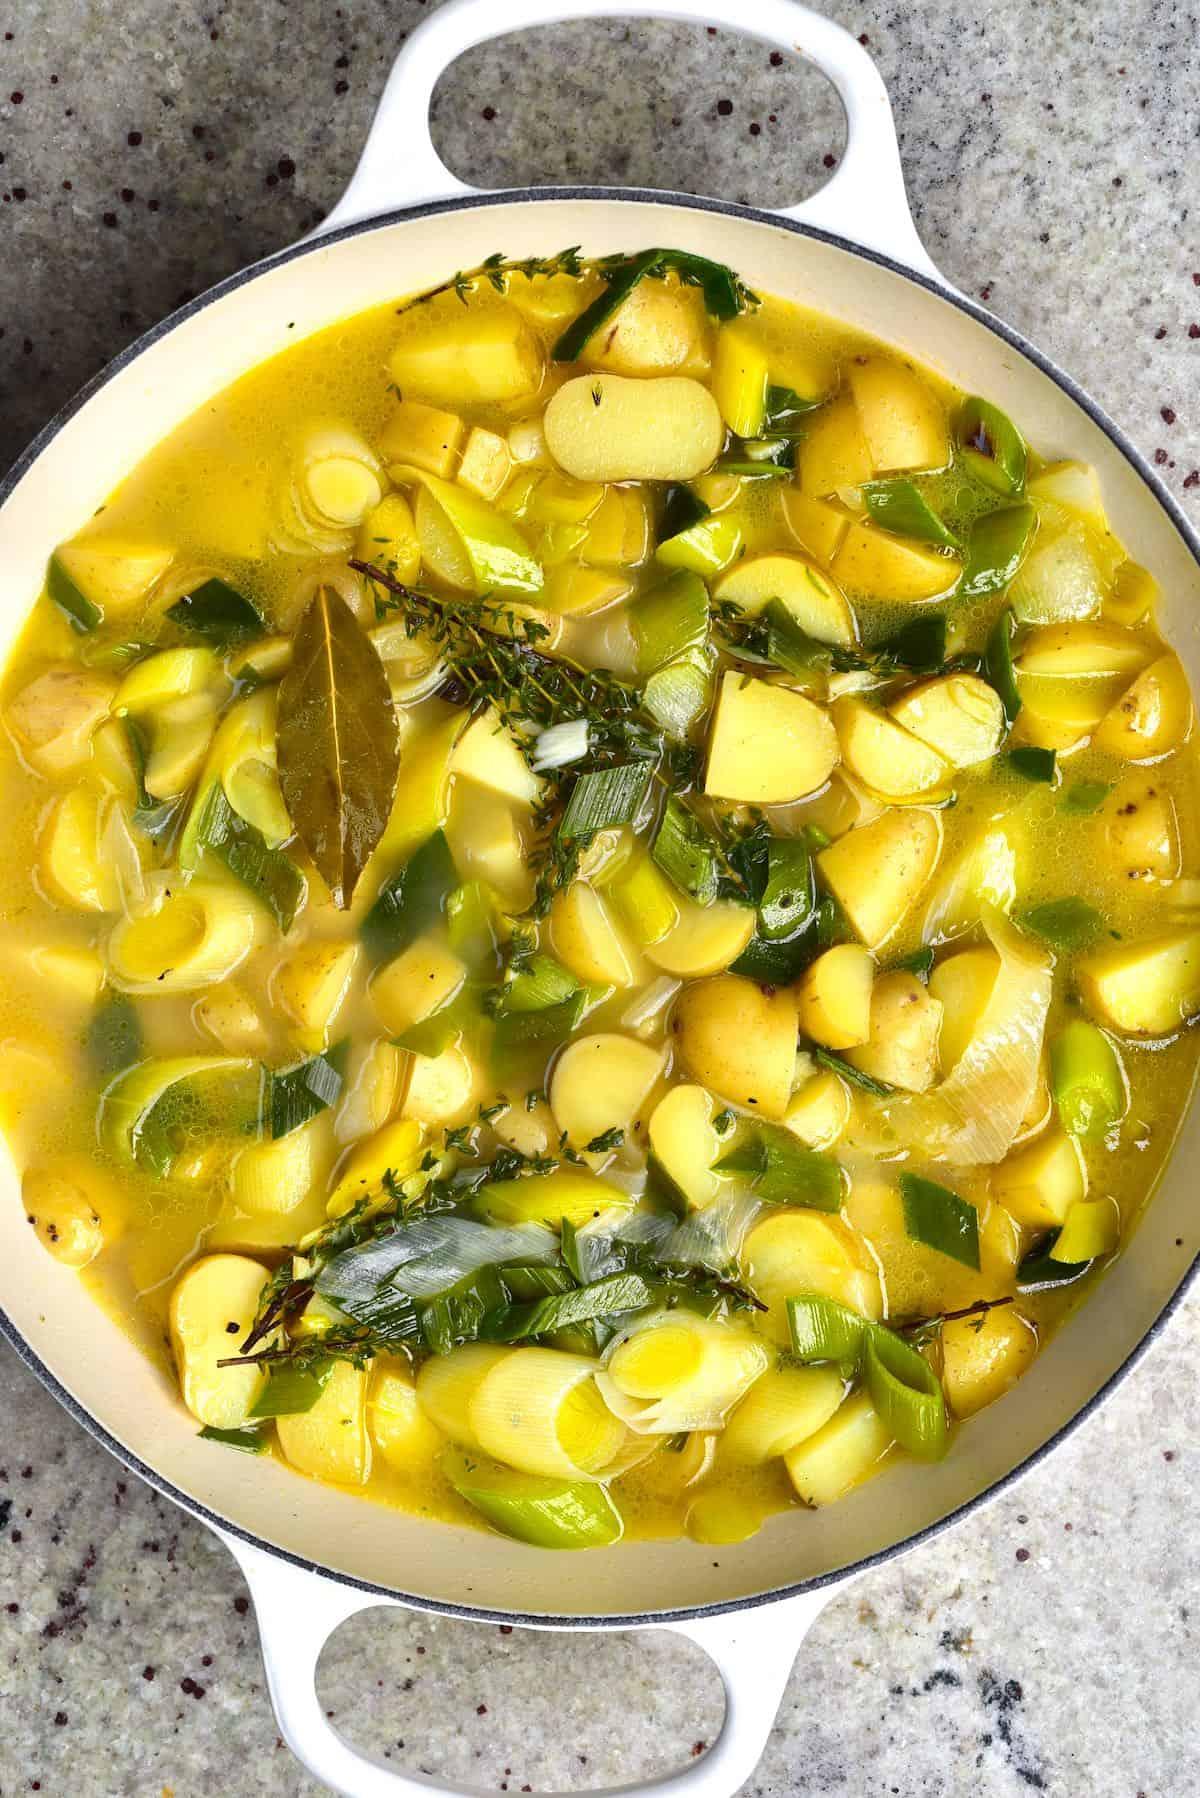 A pot with potato leek soup